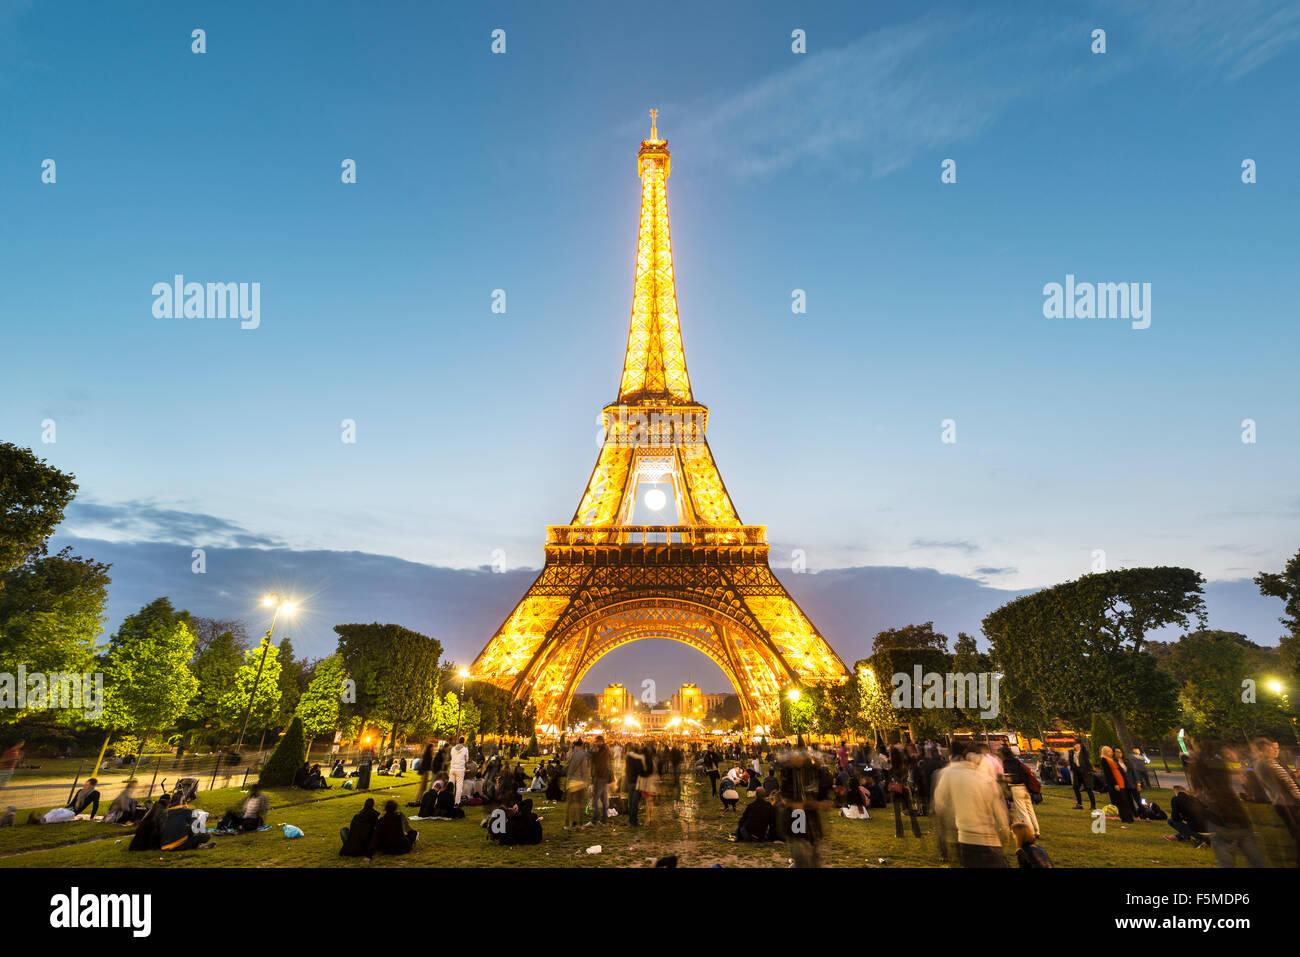 Illuminata dalla Torre Eiffel al tramonto, Torre Eiffel e Champ de Mars, Parigi, Ile-de-France, Francia Immagini Stock